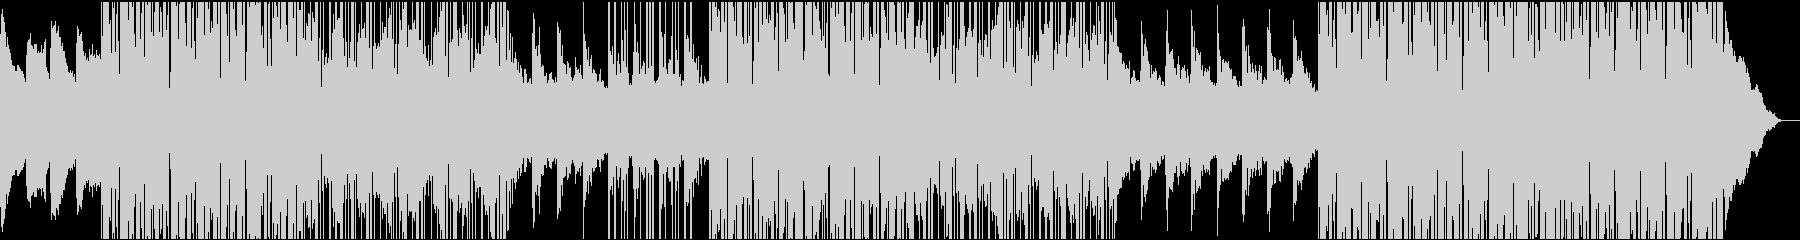 歪んだエレキギター ミドルテンポ ビートの未再生の波形